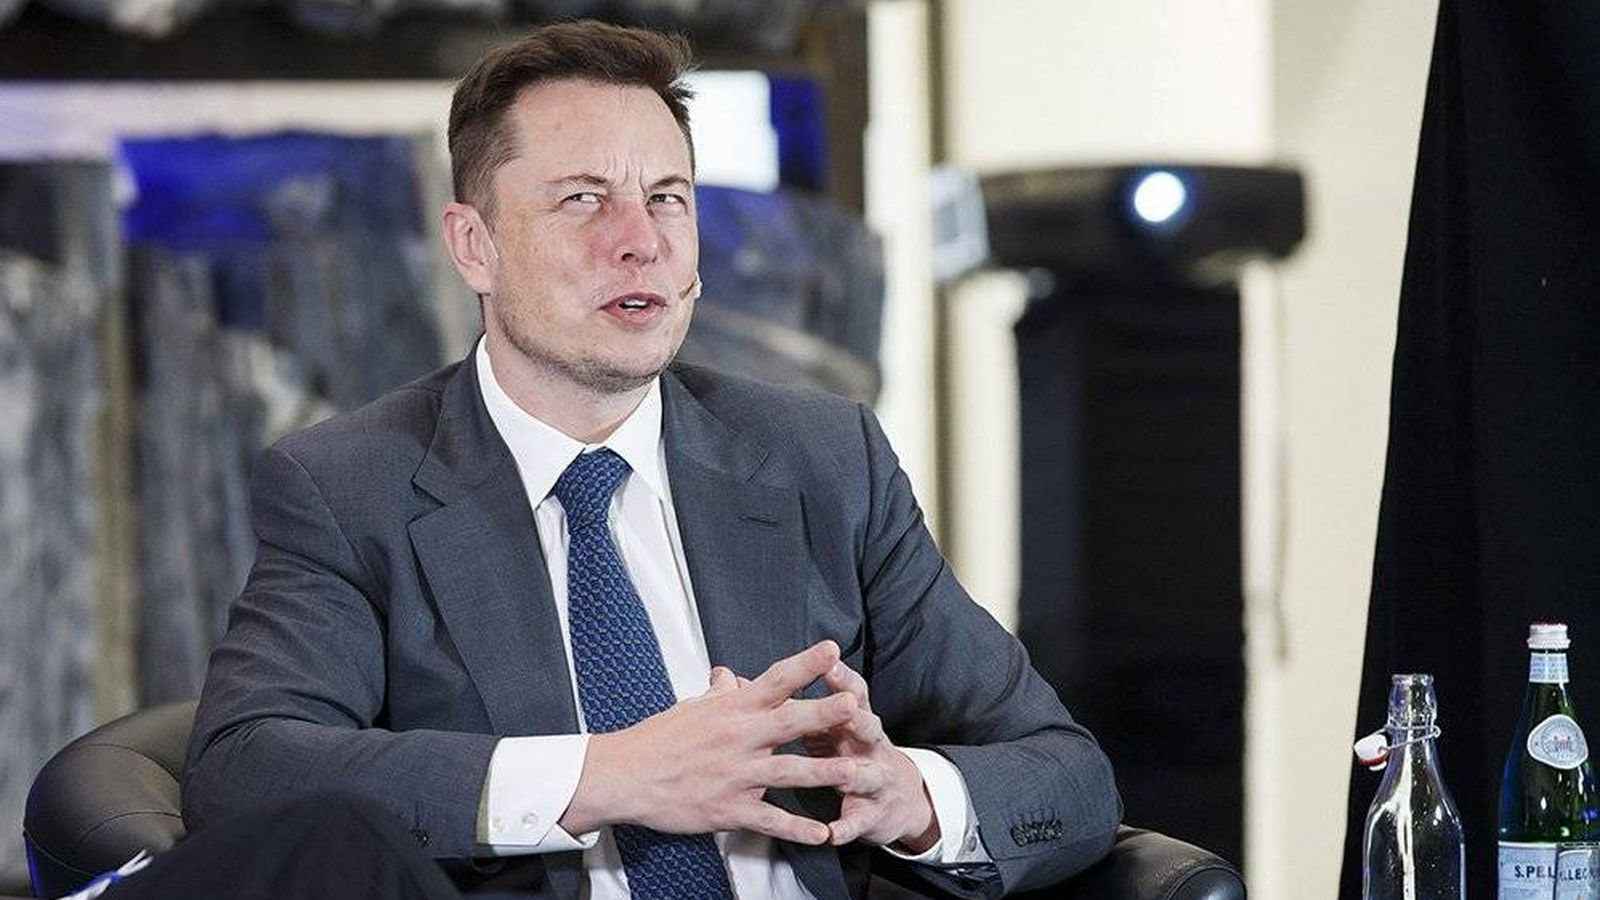 Foto: Elon Musk, fundador de SpaceX